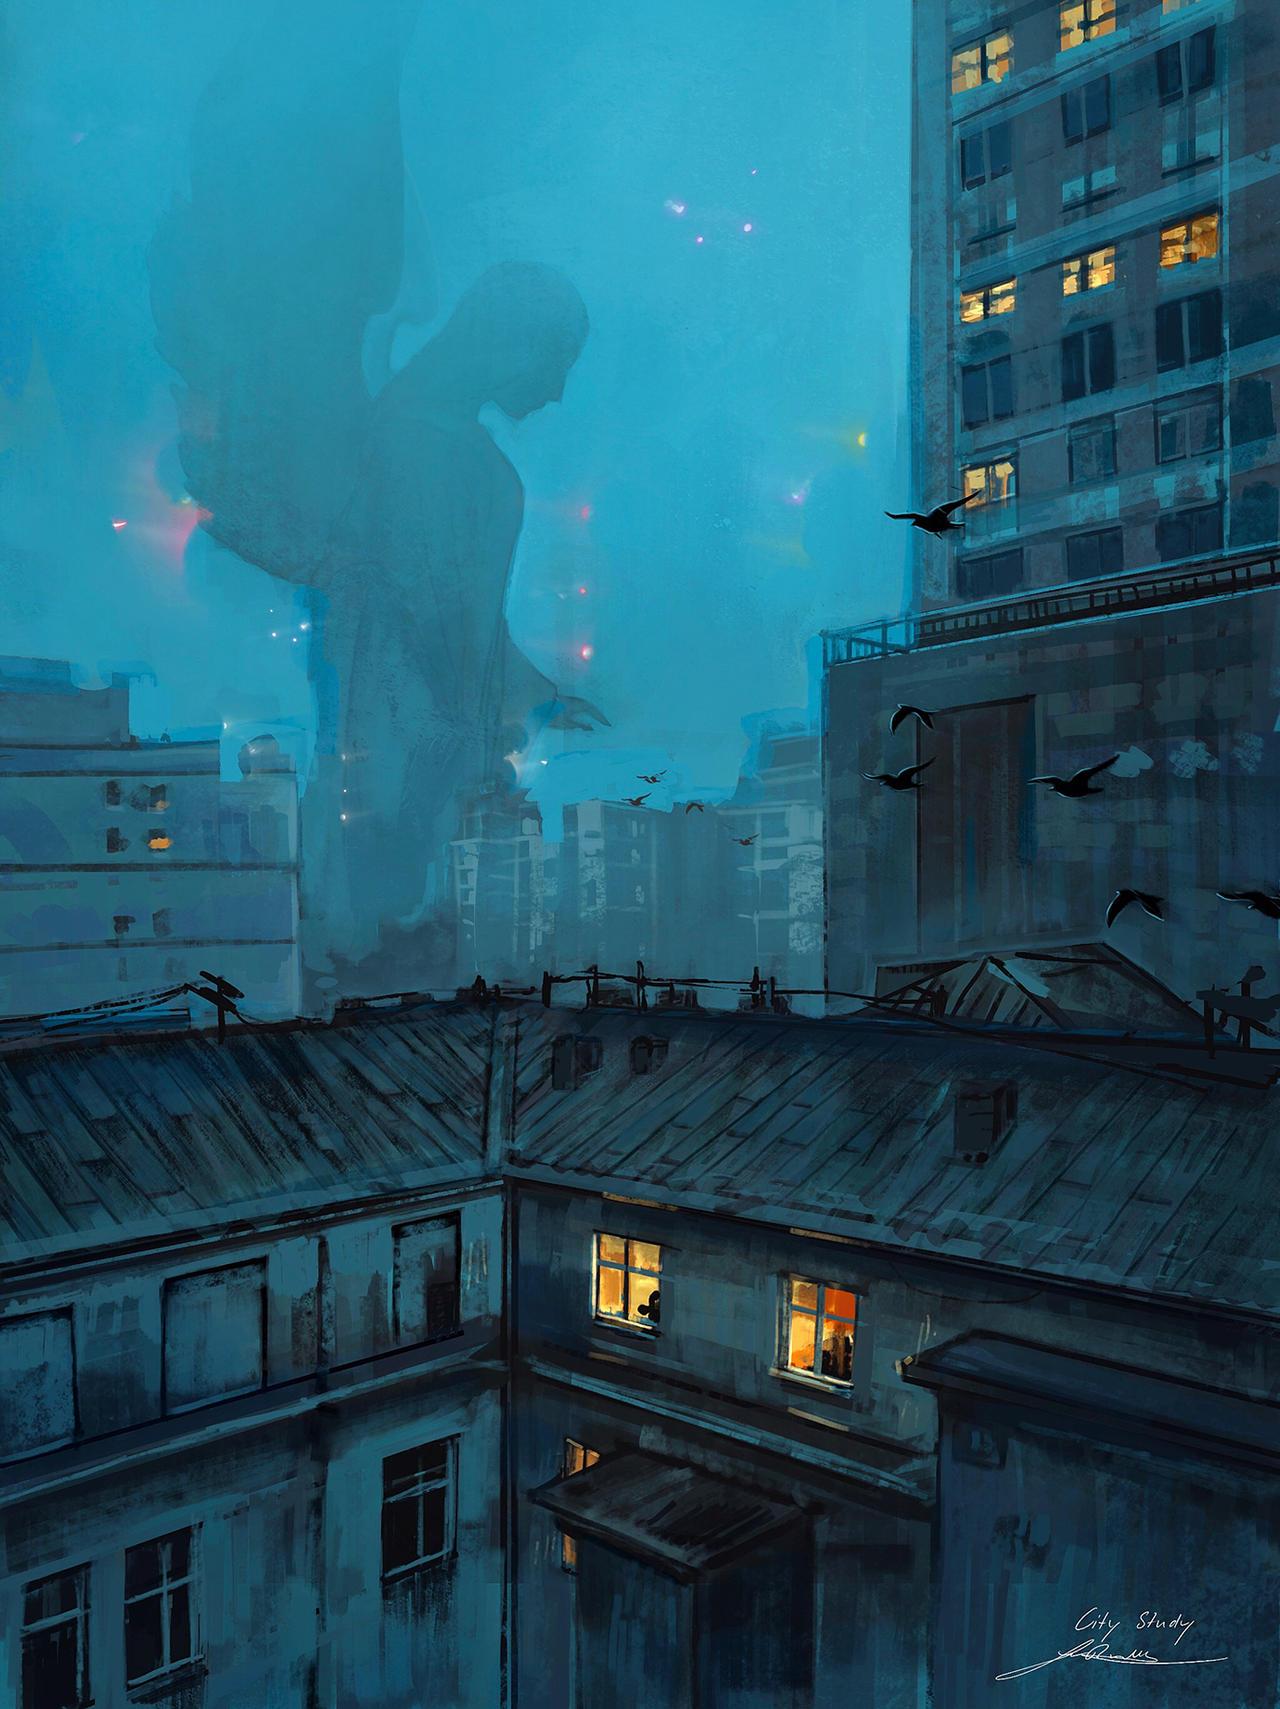 City Study II